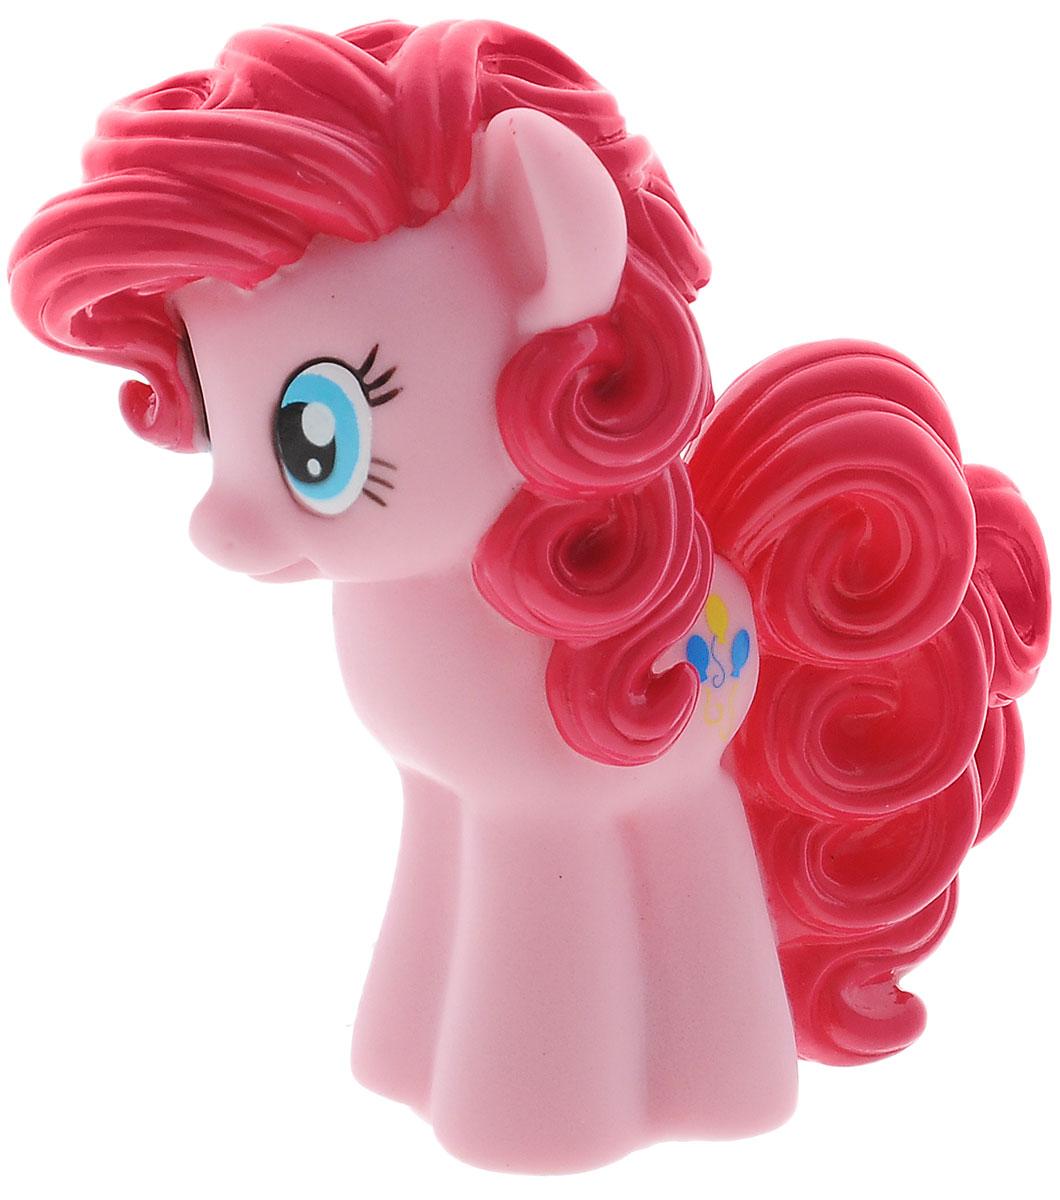 My Little Pony Игрушка для ванны Пинки Пай1129407Игрушка для ванны My Little Pony Пинки Пай способна занять малыша на все время купания. Она изготовлена из качественных материалов. Игрушка выполнена в виде яркой пони Пинки Пай. Данная игрушка несомненно принесет вашему малышу море позитива, а обычное купание превратит в веселую игру. При нажатии на индикаторы, находящиеся на подошве, игрушка светится.